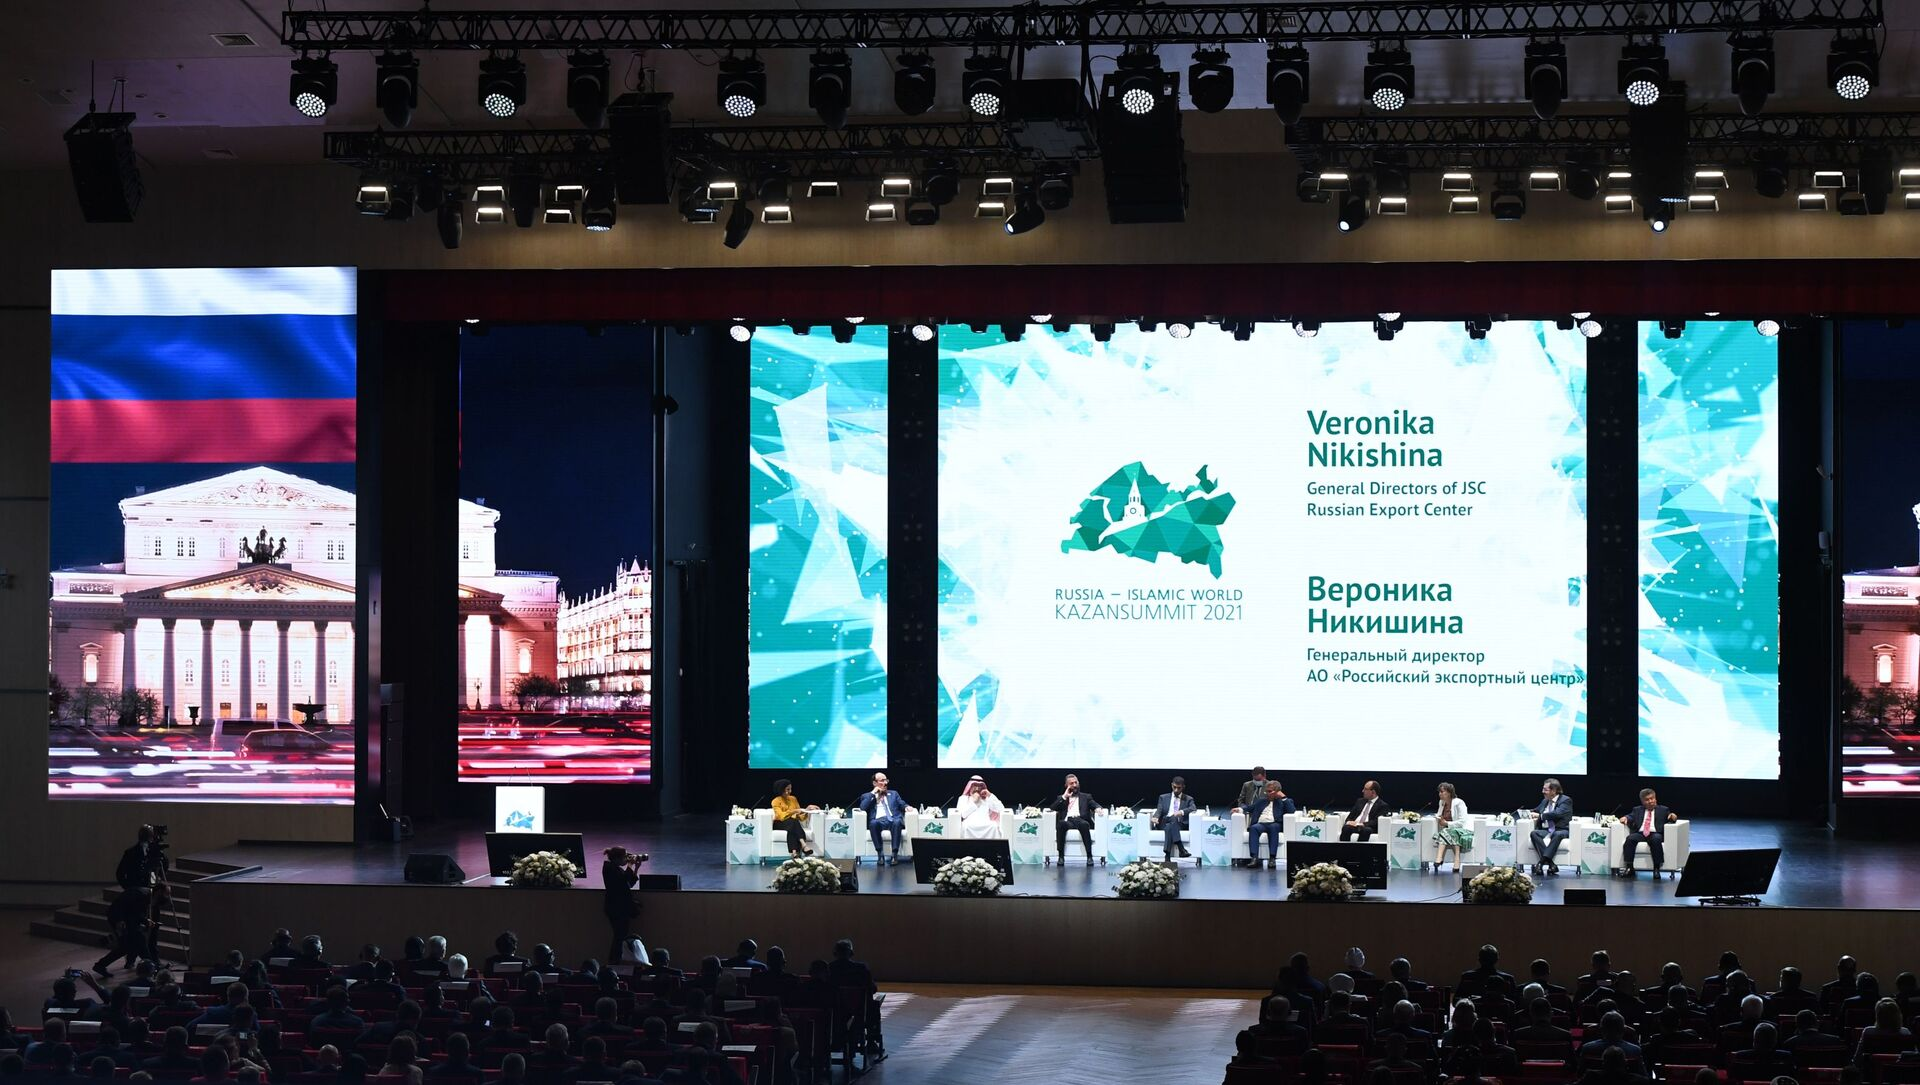 XII Международный экономический саммит Россия – Исламский мир: KazanSummit 2021 - Sputnik Абхазия, 1920, 29.07.2021